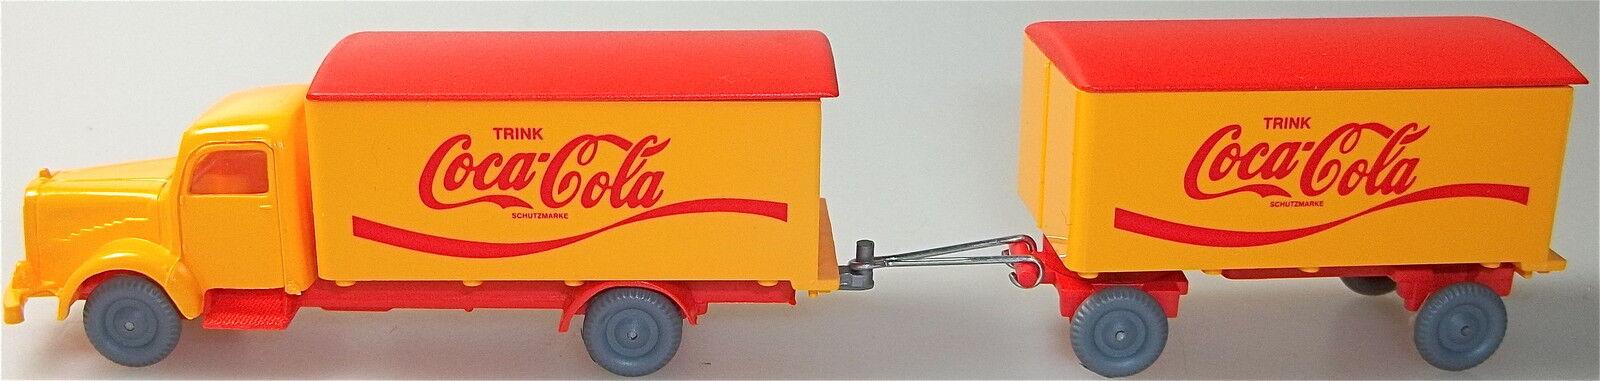 Coca Cola Mercedes 5000 Hängerzug Hängerzug Hängerzug orange red IMU H0 1 87    å c865b4